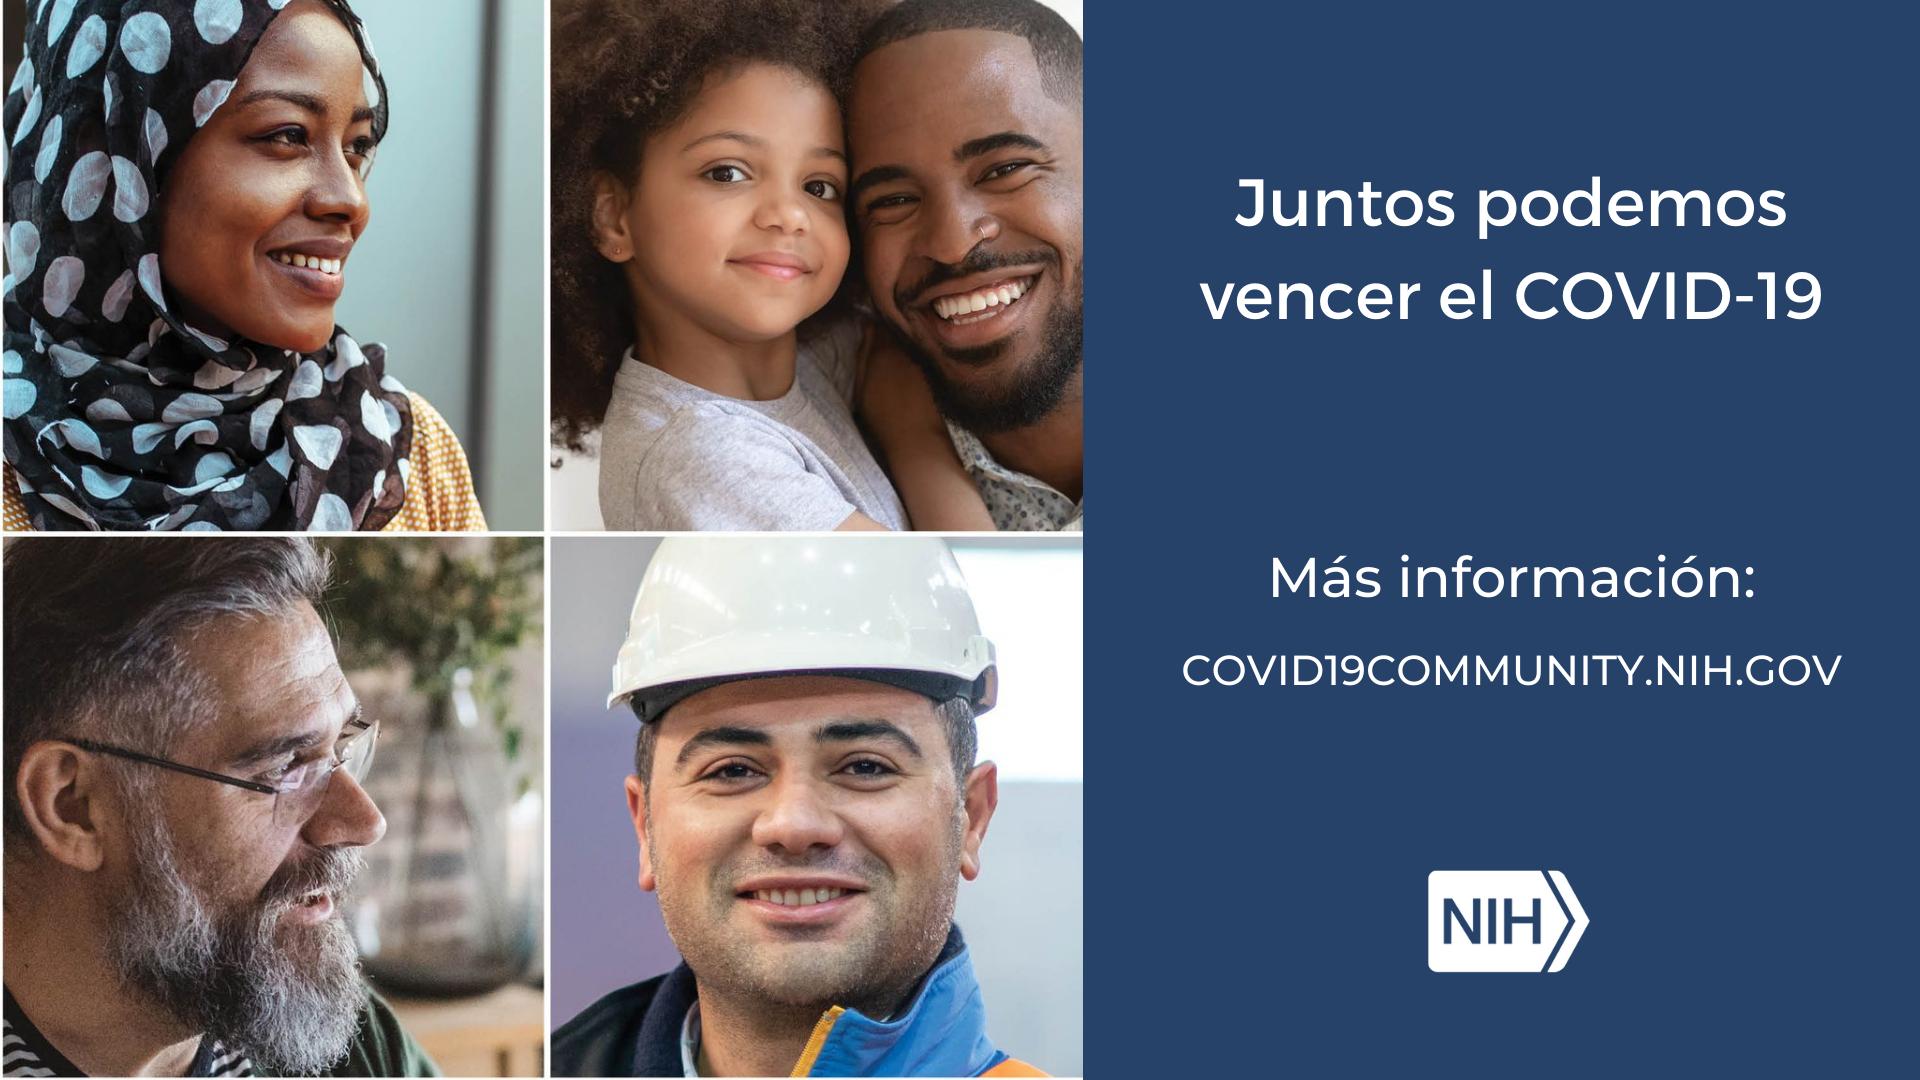 """Imagen de personas de diversos géneros, edades, razas, etnias y creencias. La imagen dice: """"Juntos podemos vencer el COVID-19. Más información: covid19community.nih.gov"""""""